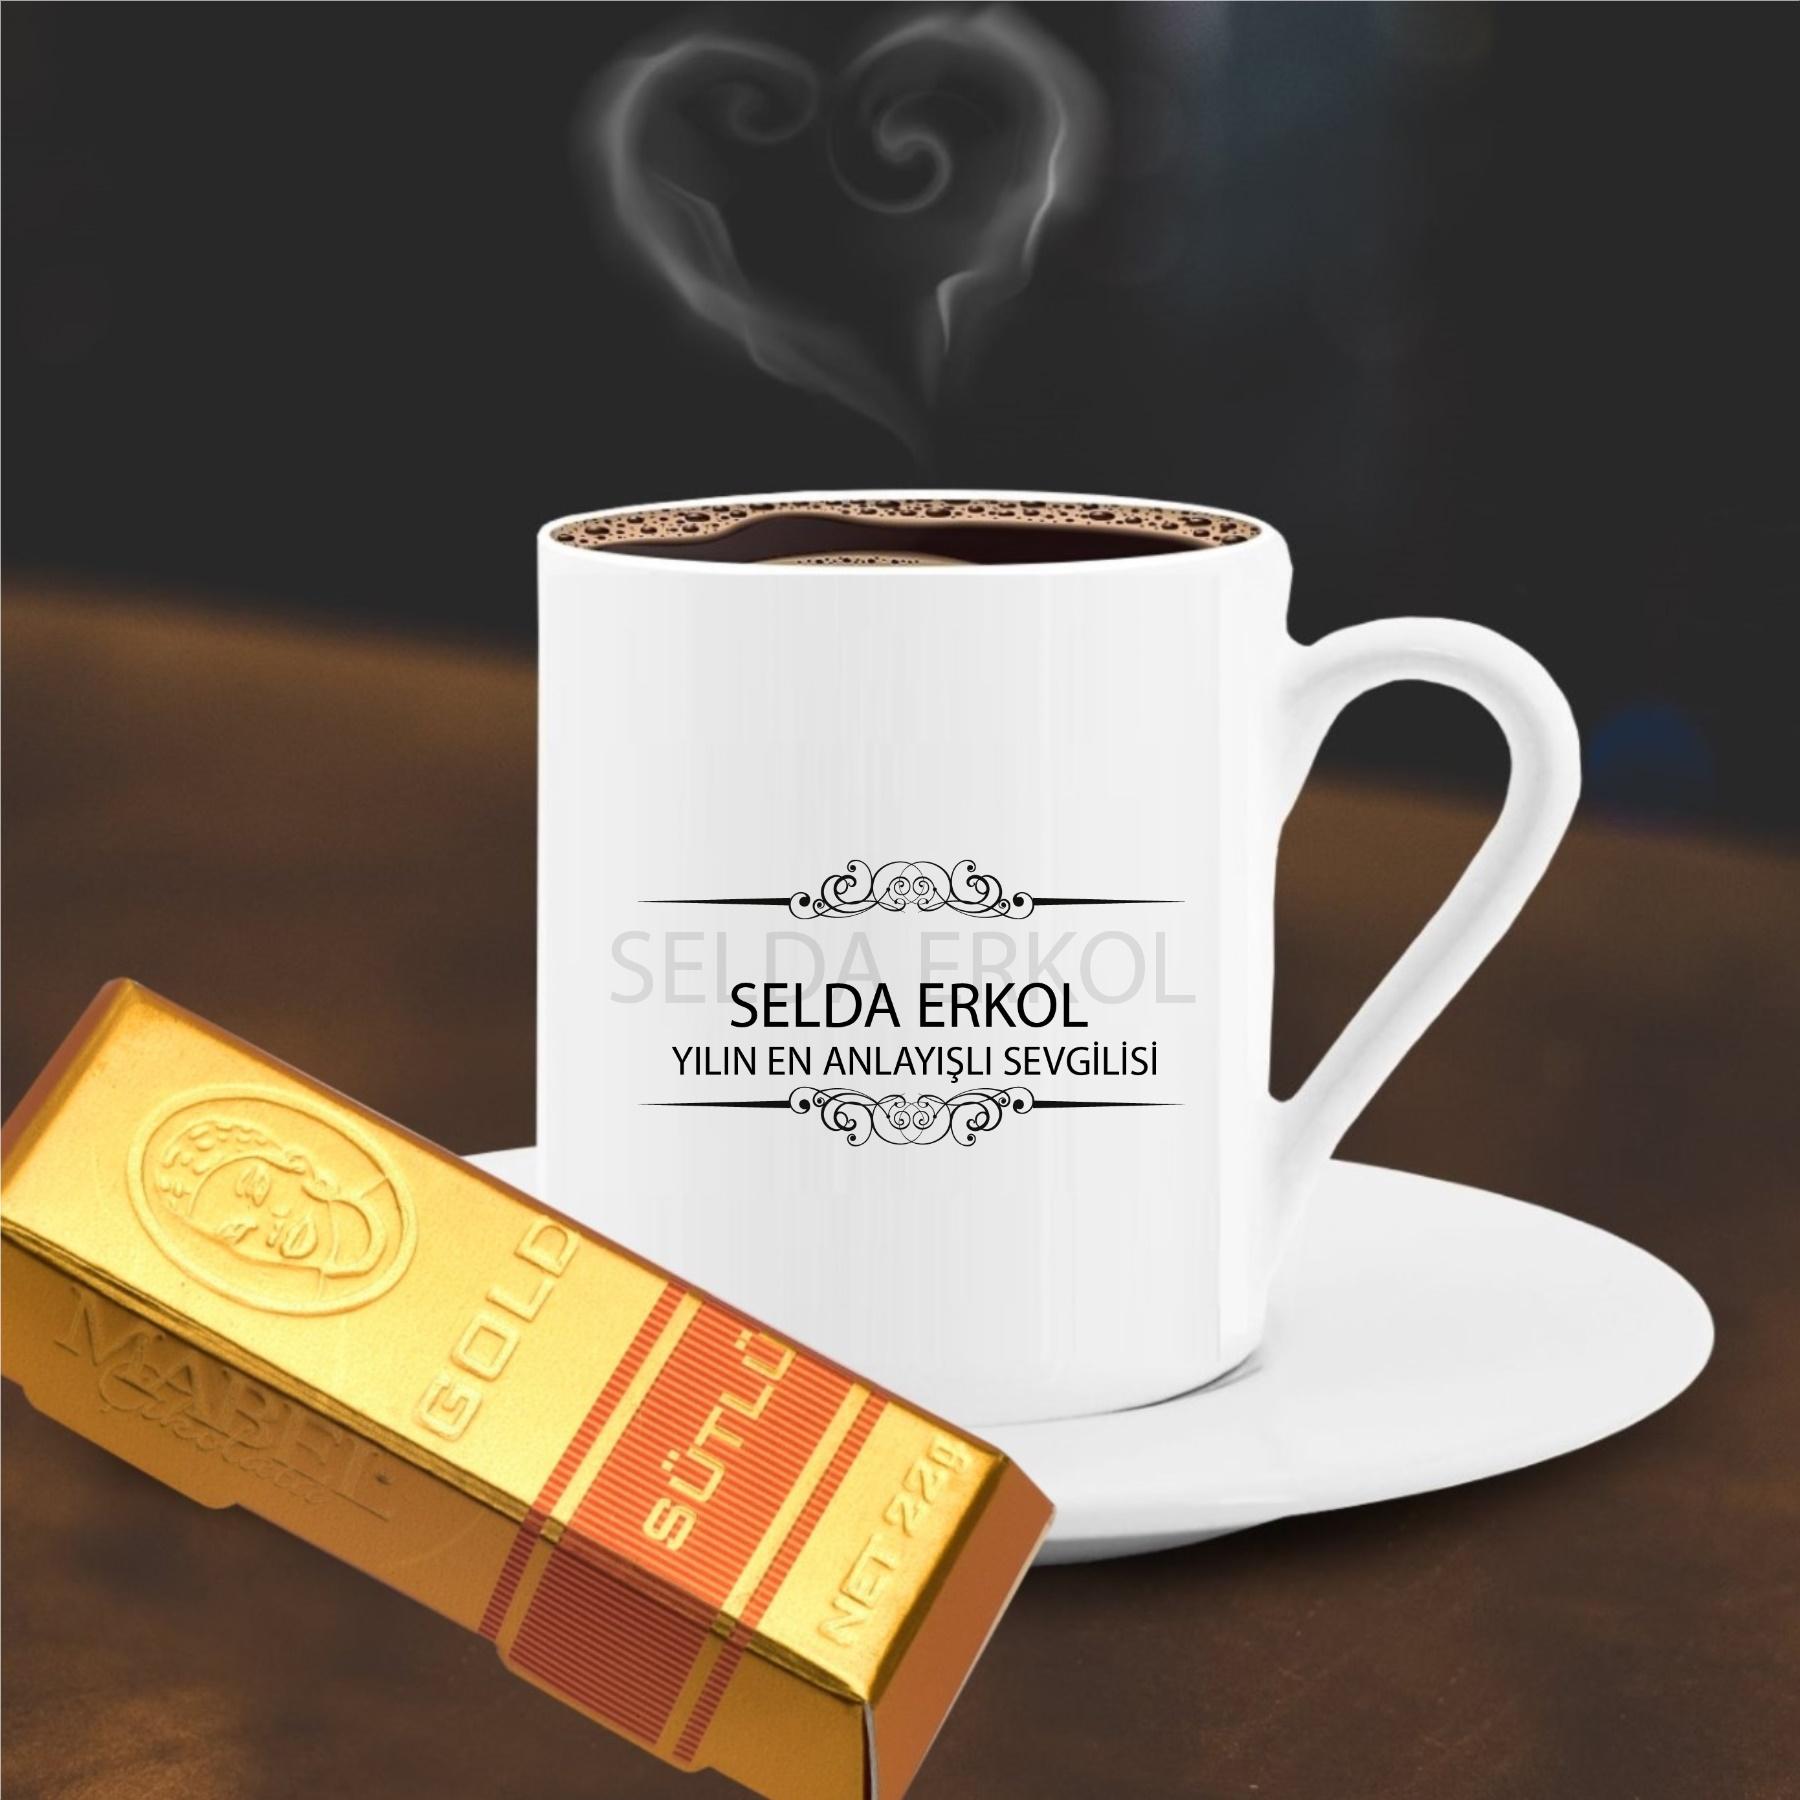 Kişiye Özel İsim ve Meslek Temalı Altın Külçe Çikolata ve Kahve Fincanı -28